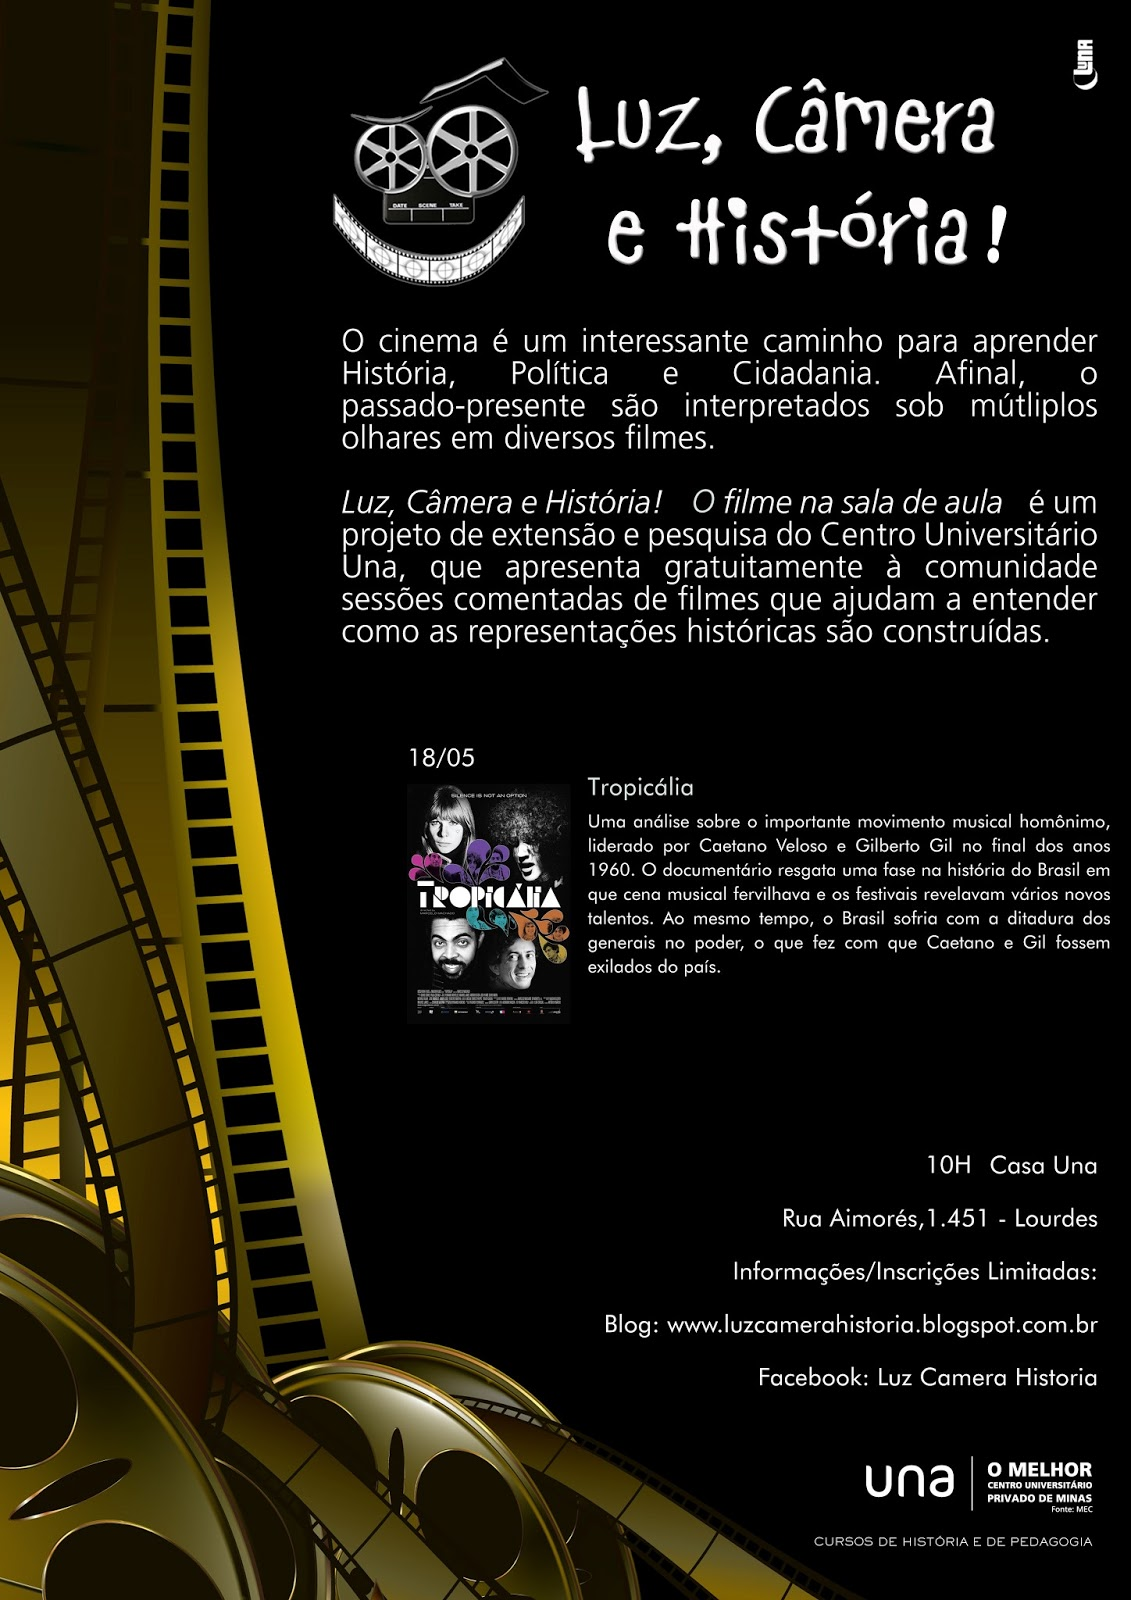 Filme Dentro Da Casa within luz. cÂmera e histÓria: o filme na sala de aula